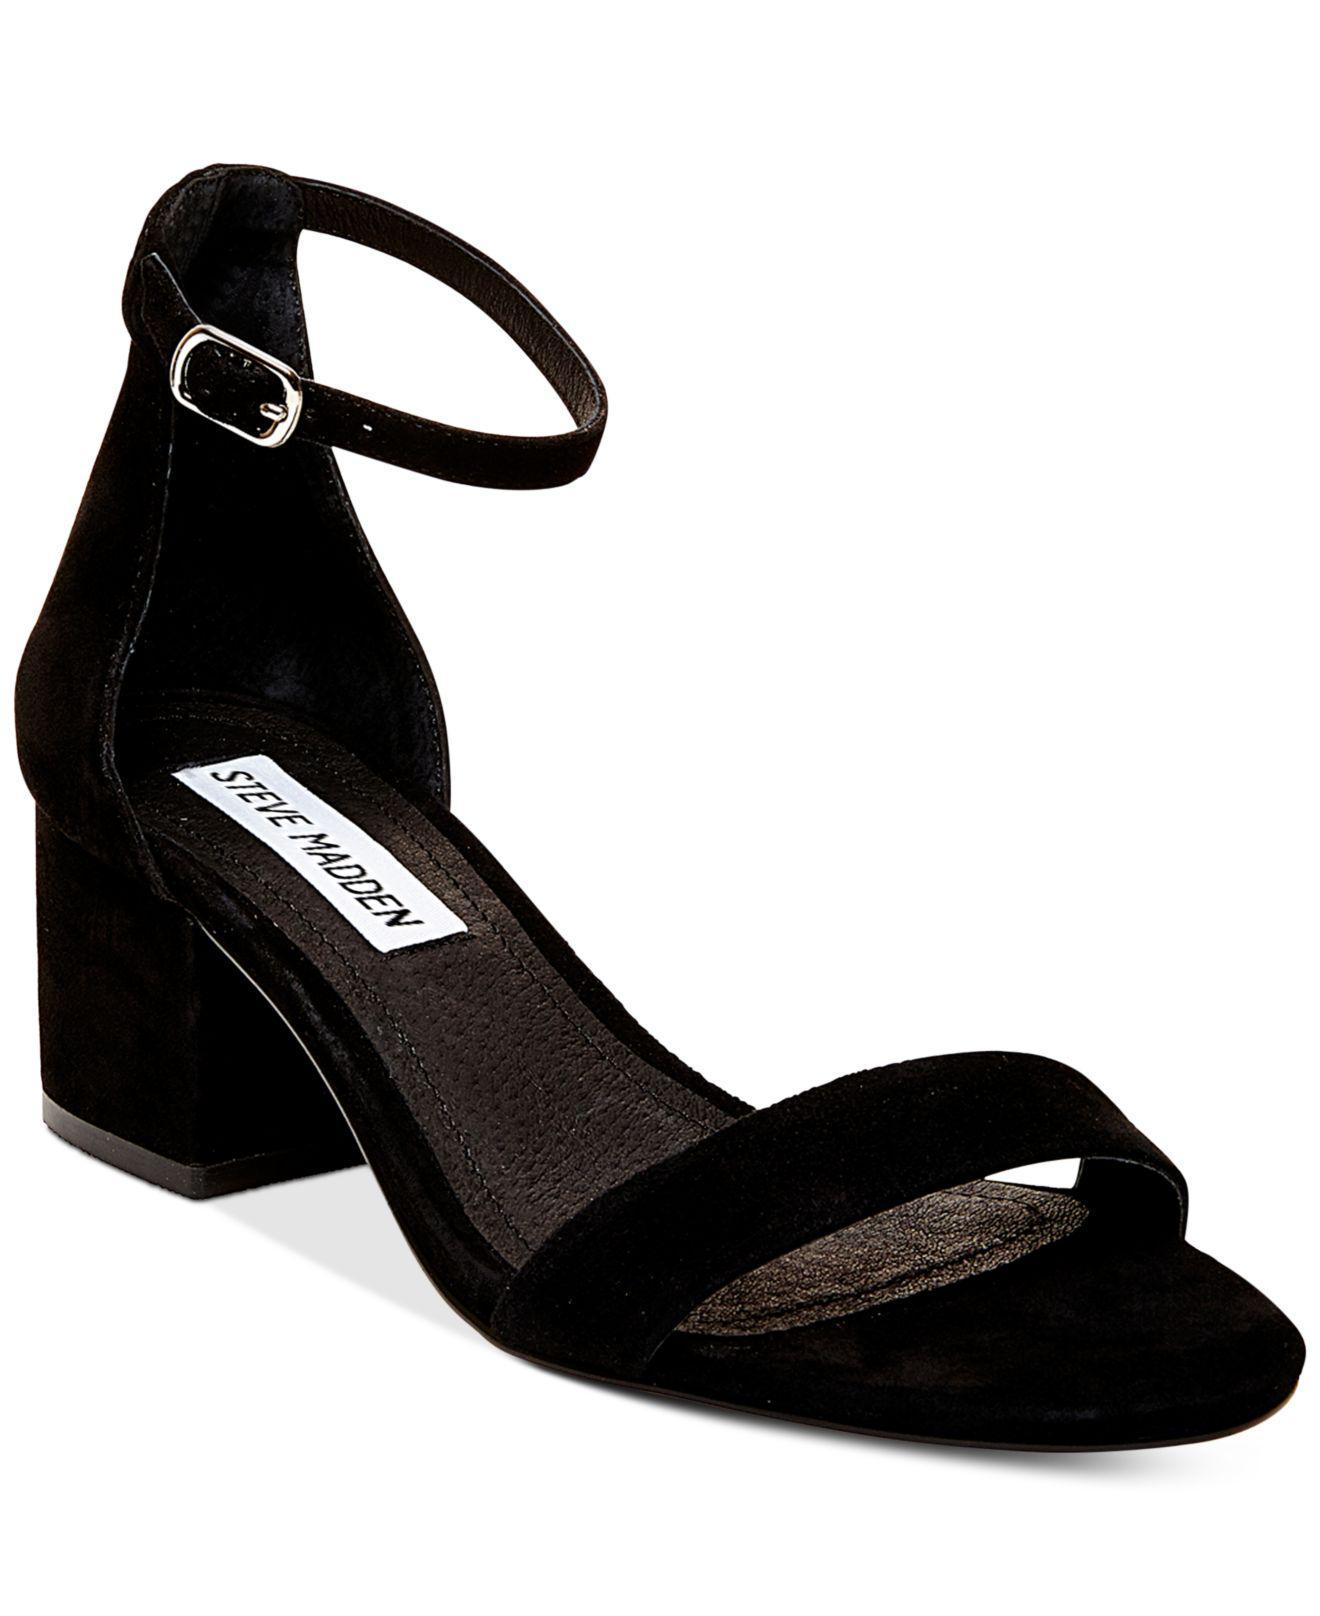 cd85c74aa85 Lyst - Steve Madden Irenee Two-piece Block-heel Sandals in Black